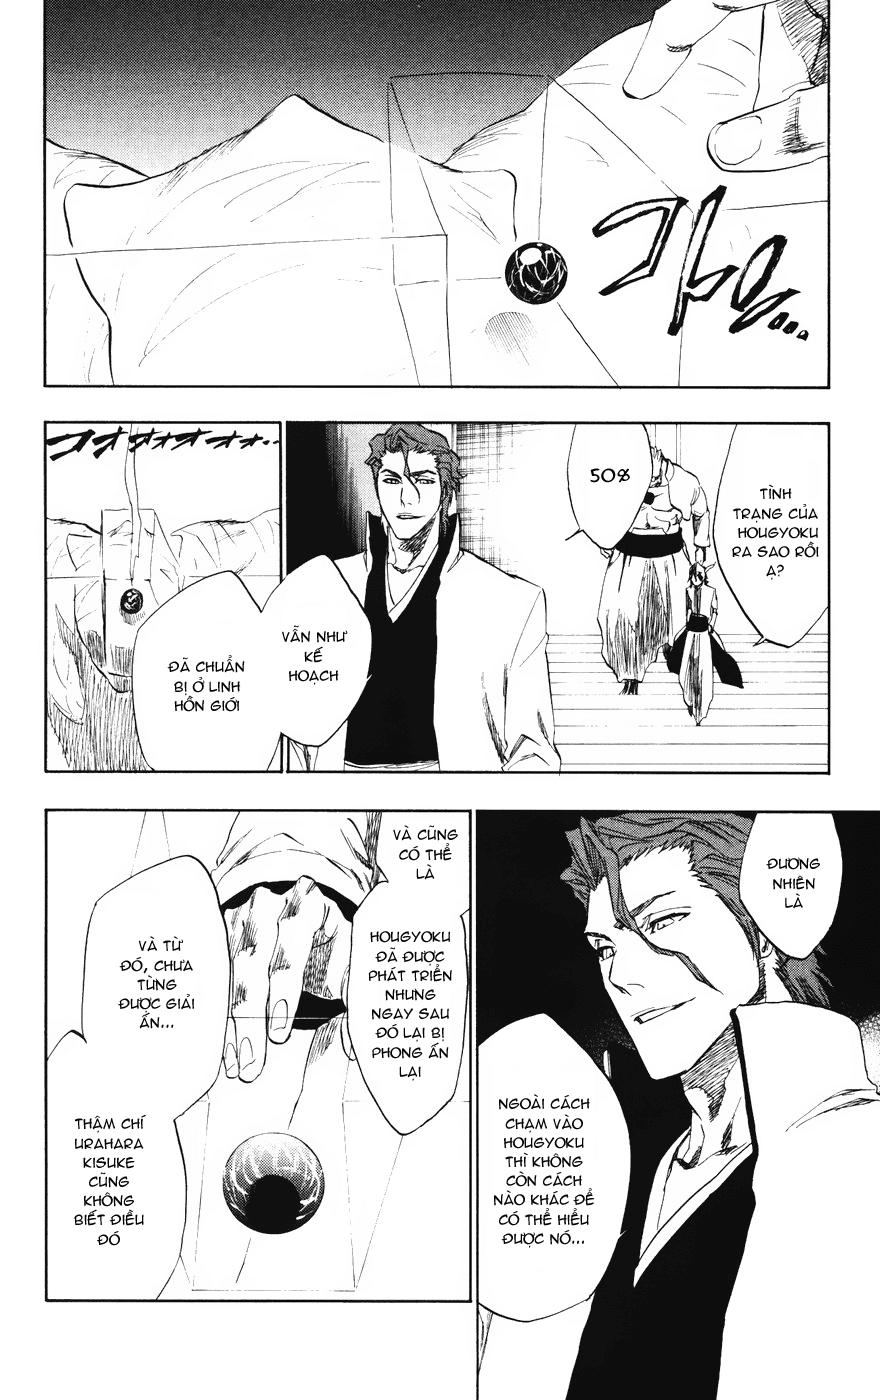 Bleach chapter 229 trang 14